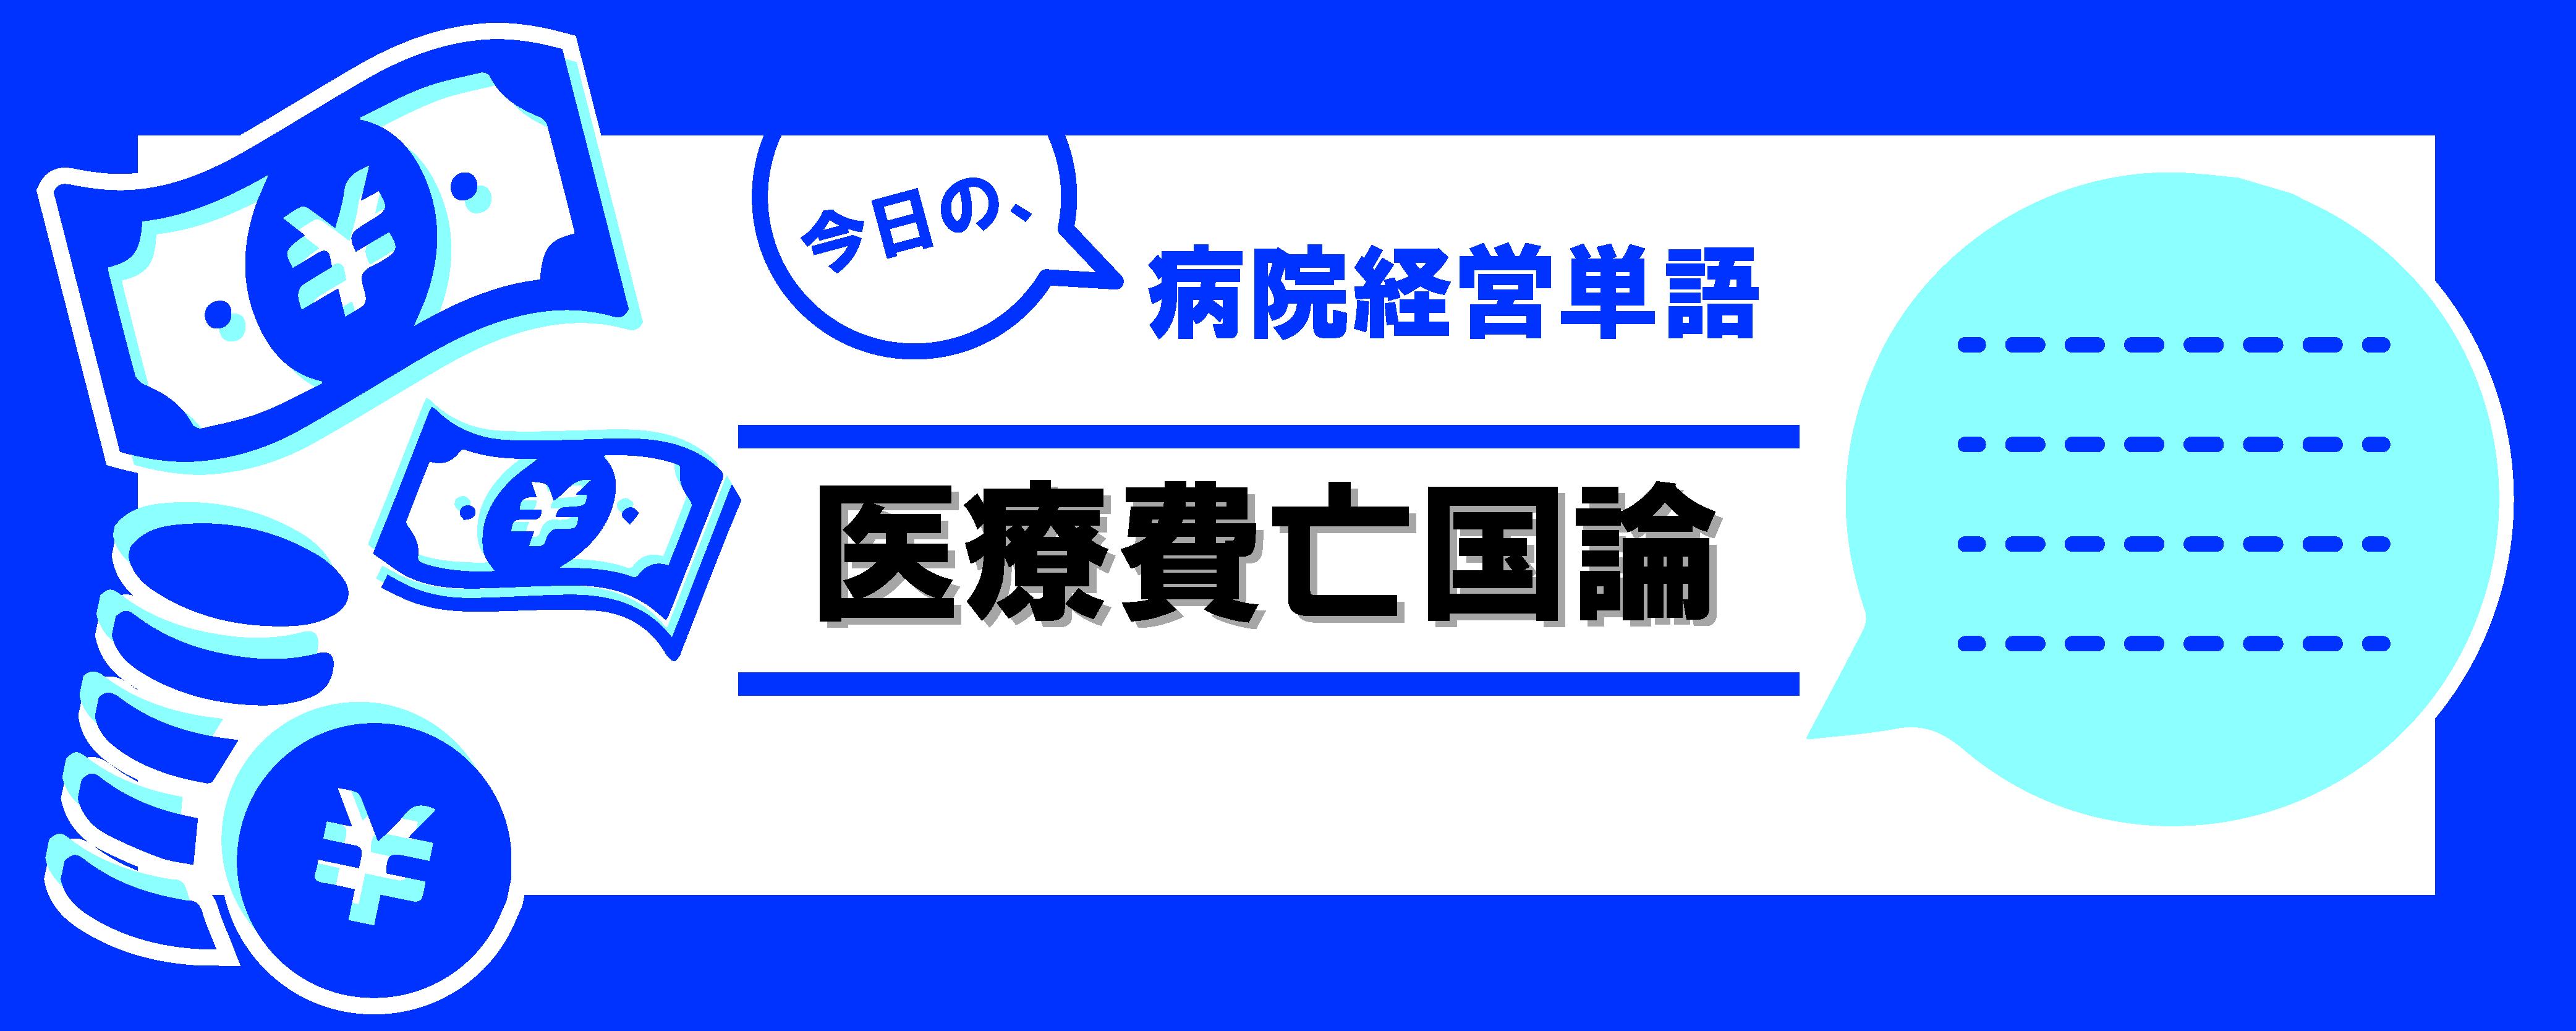 24.経営単語_記事画像